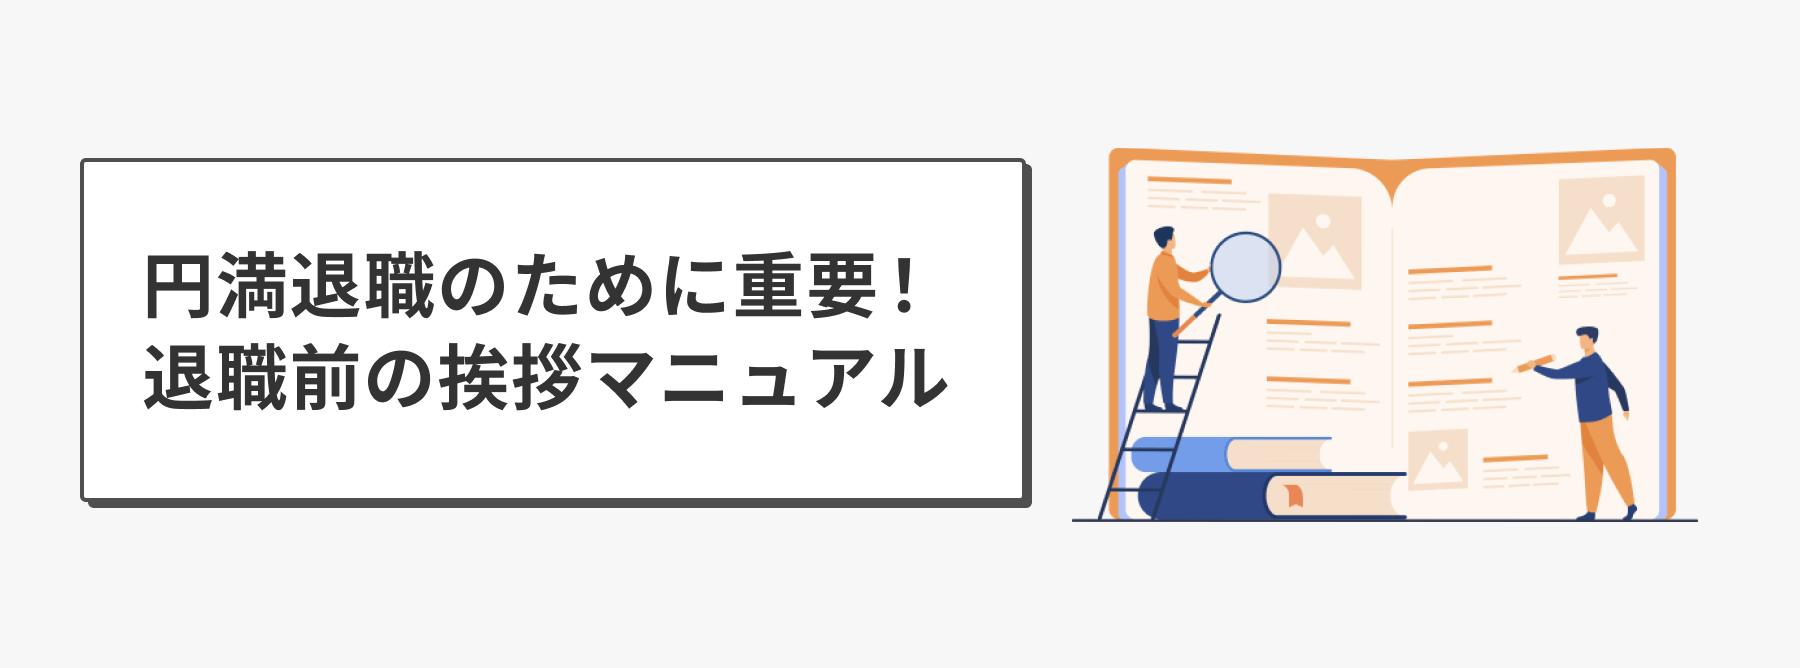 円満退職のために重要!退職前の挨拶マニュアル